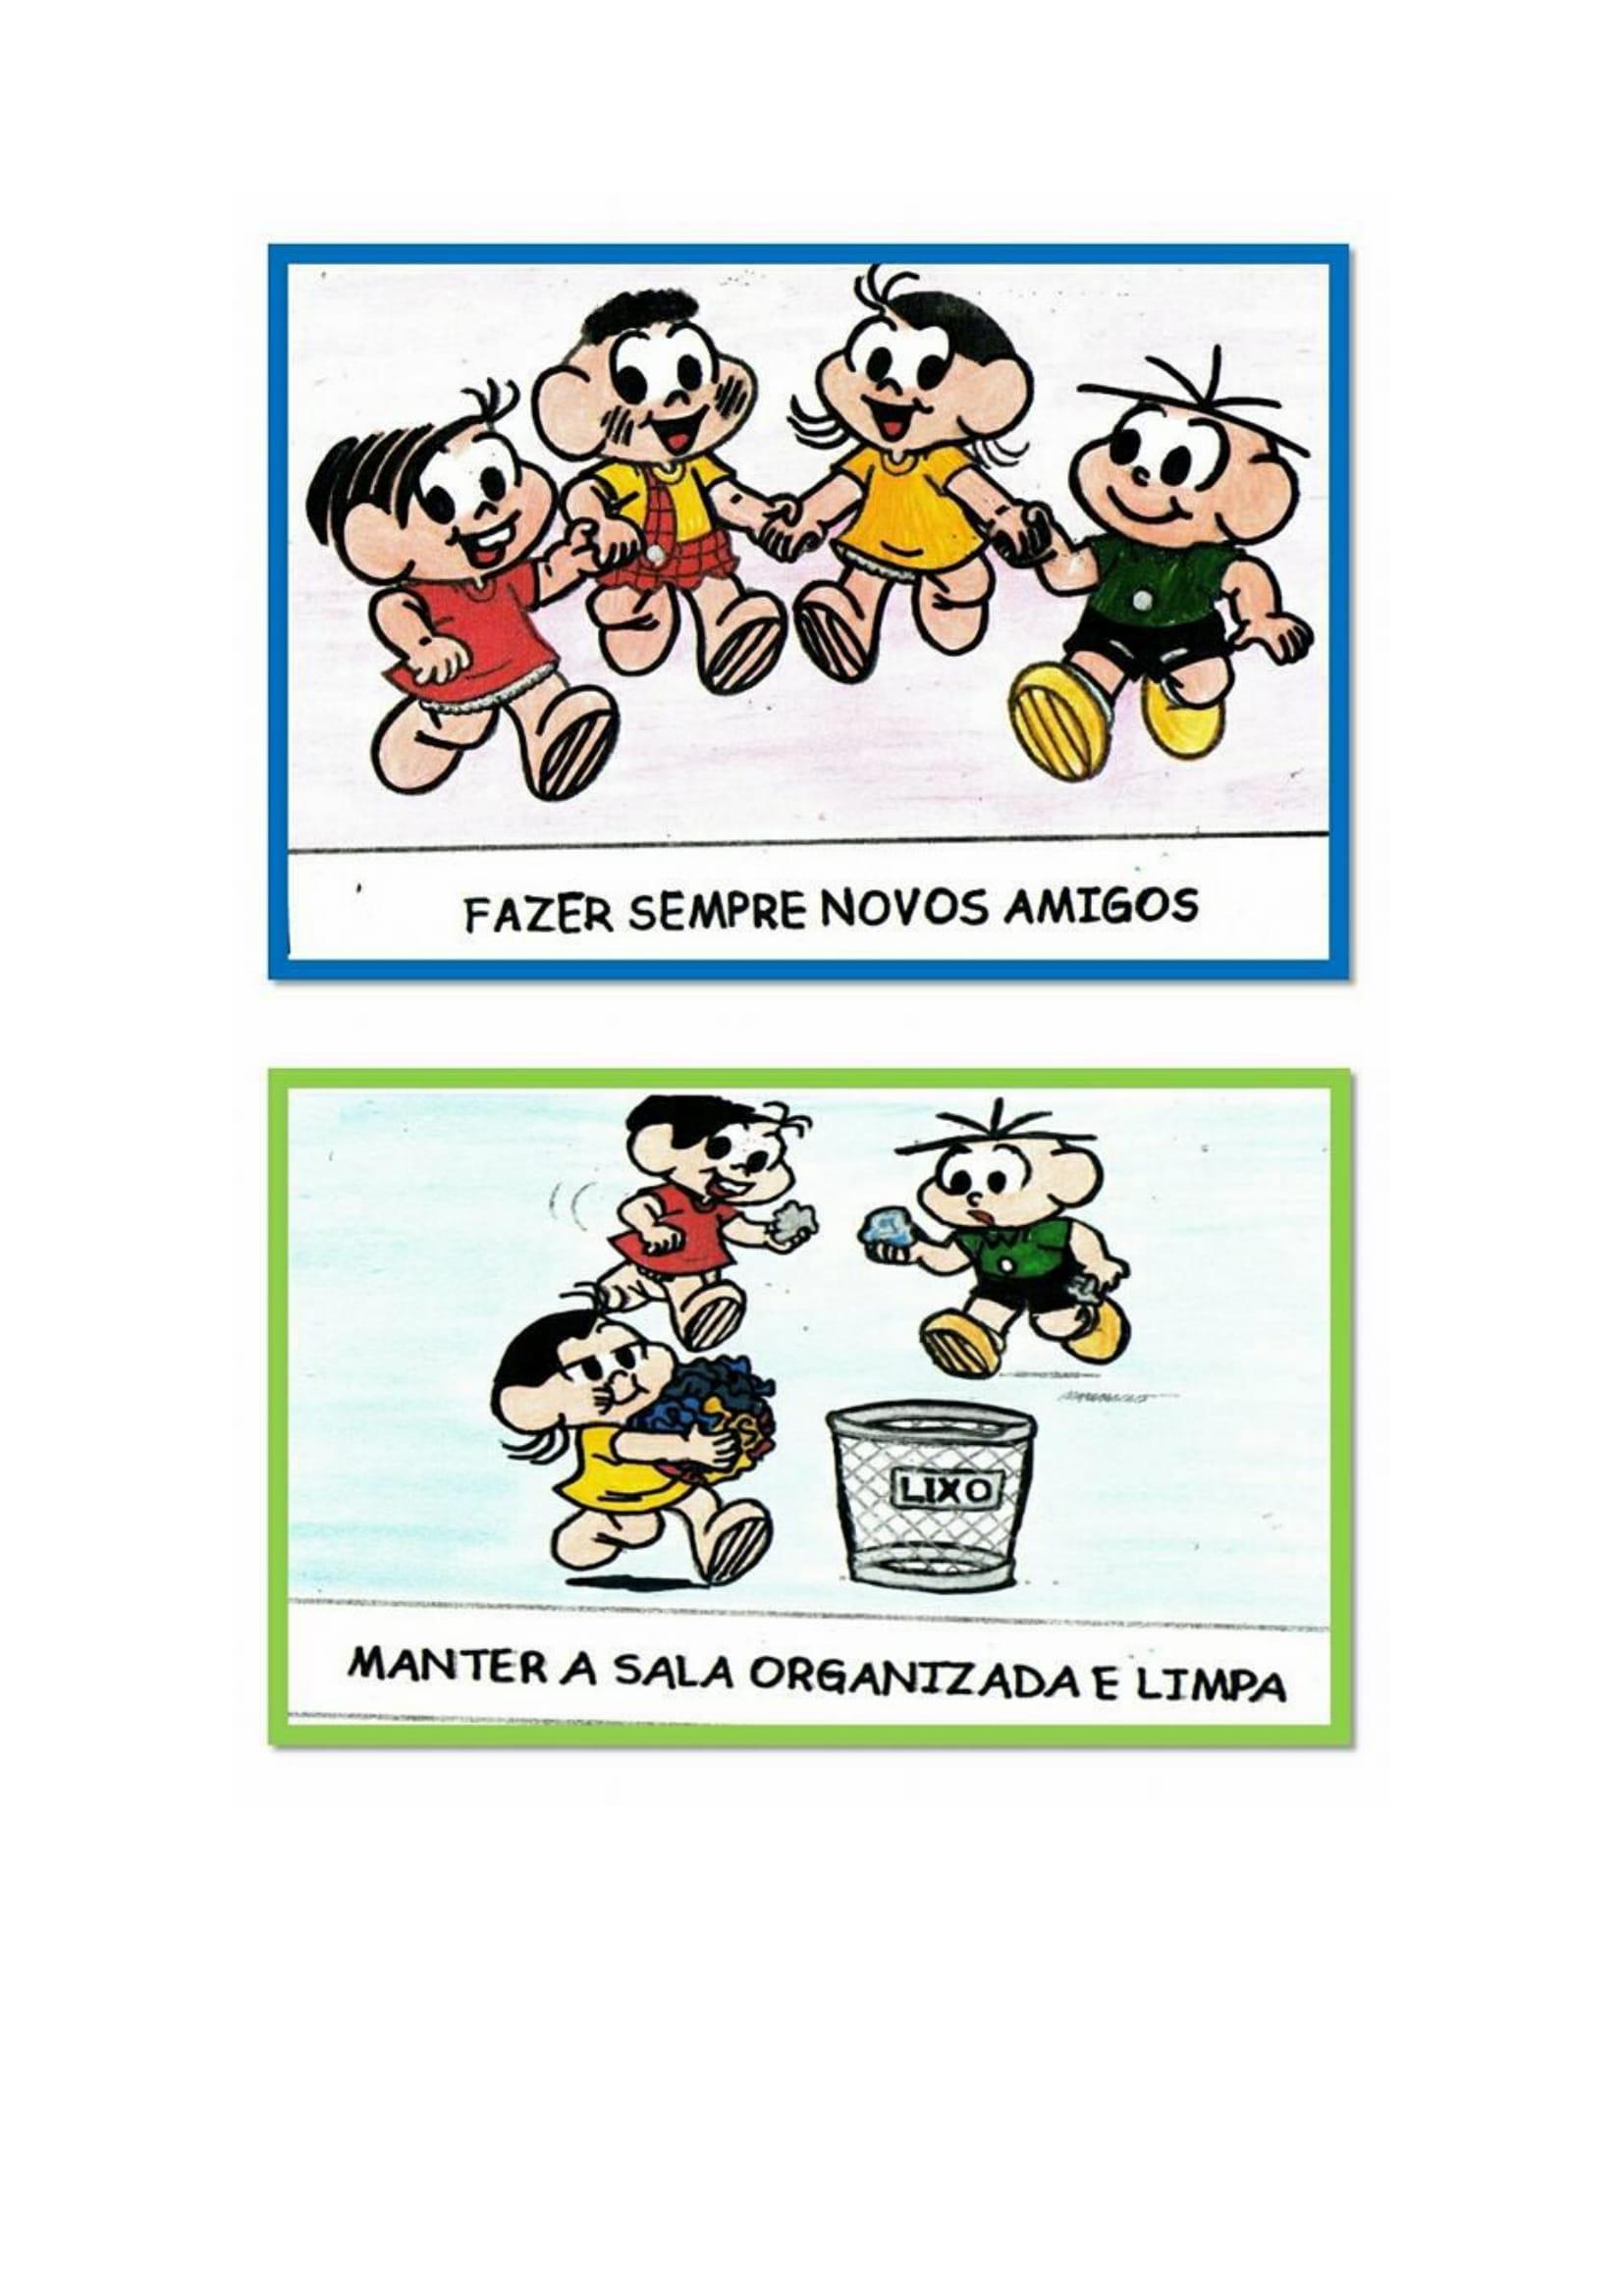 Regrinhas-e-Combinados-da-Turma-da-Mônica-em-PDF-1